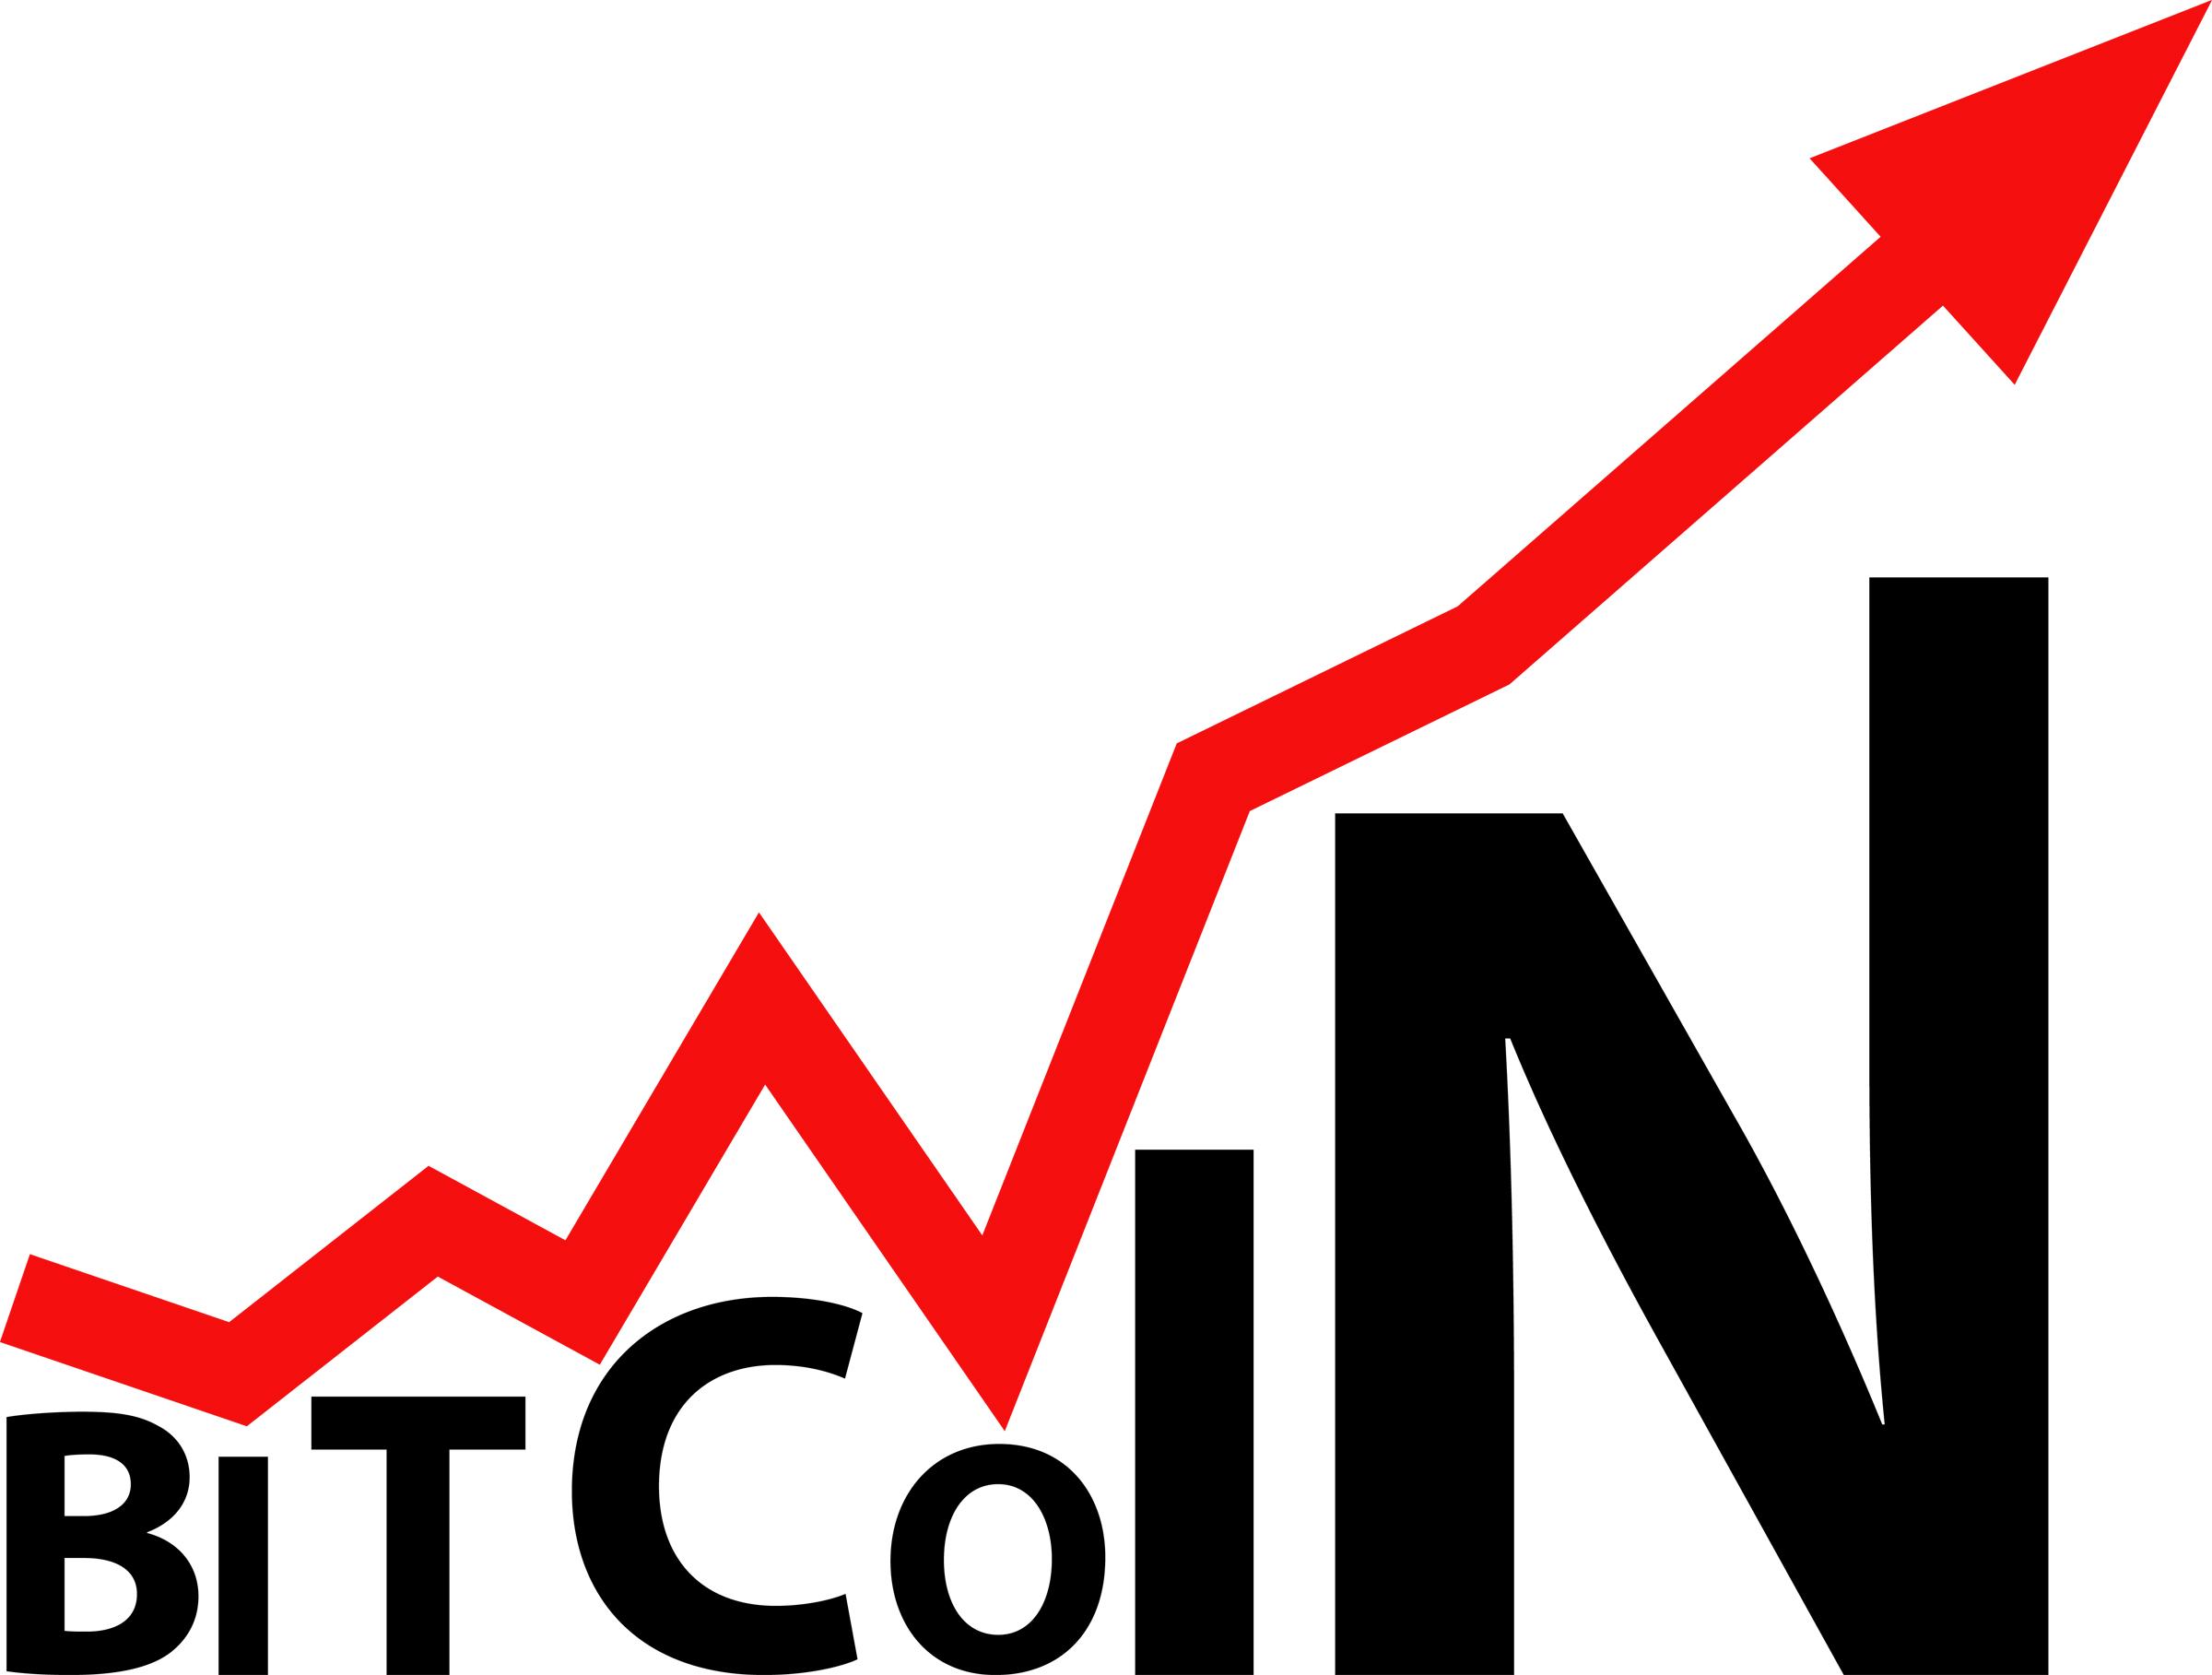 روند صعودی قیمت بیت کوین